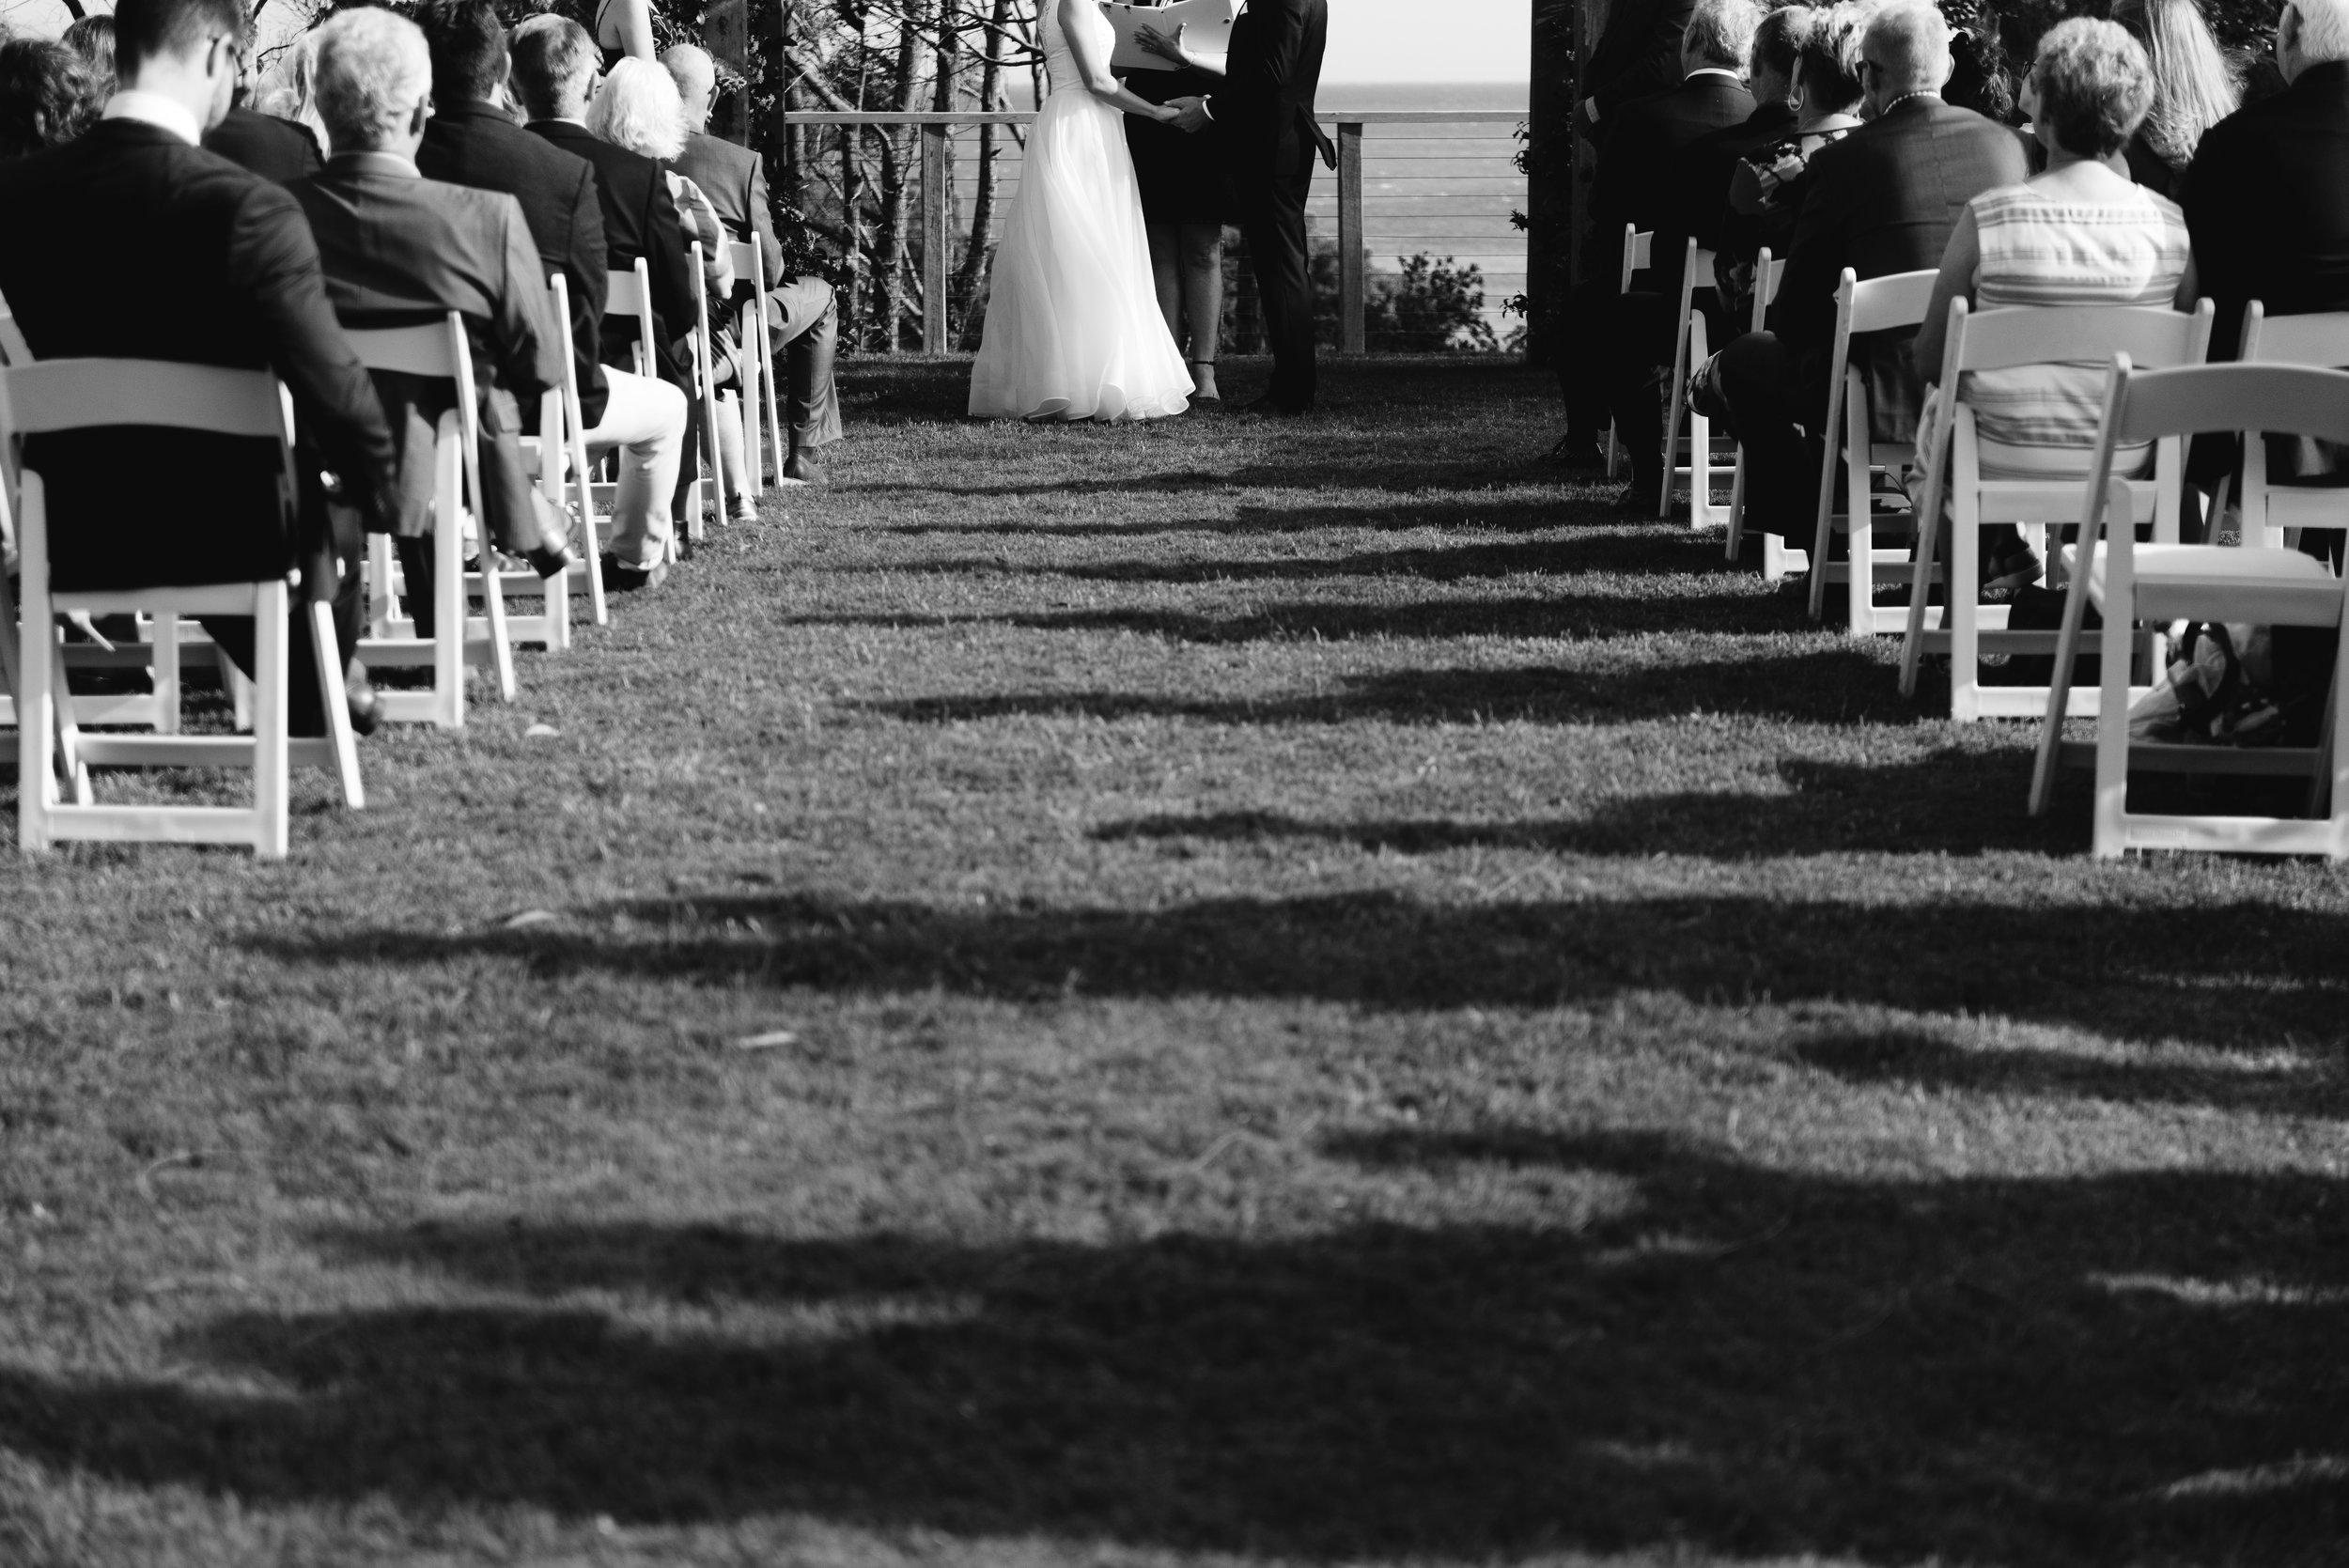 wedding-photography-brisbane-sandstone-point-hotel-bribie-island-luxewedding-23.jpg